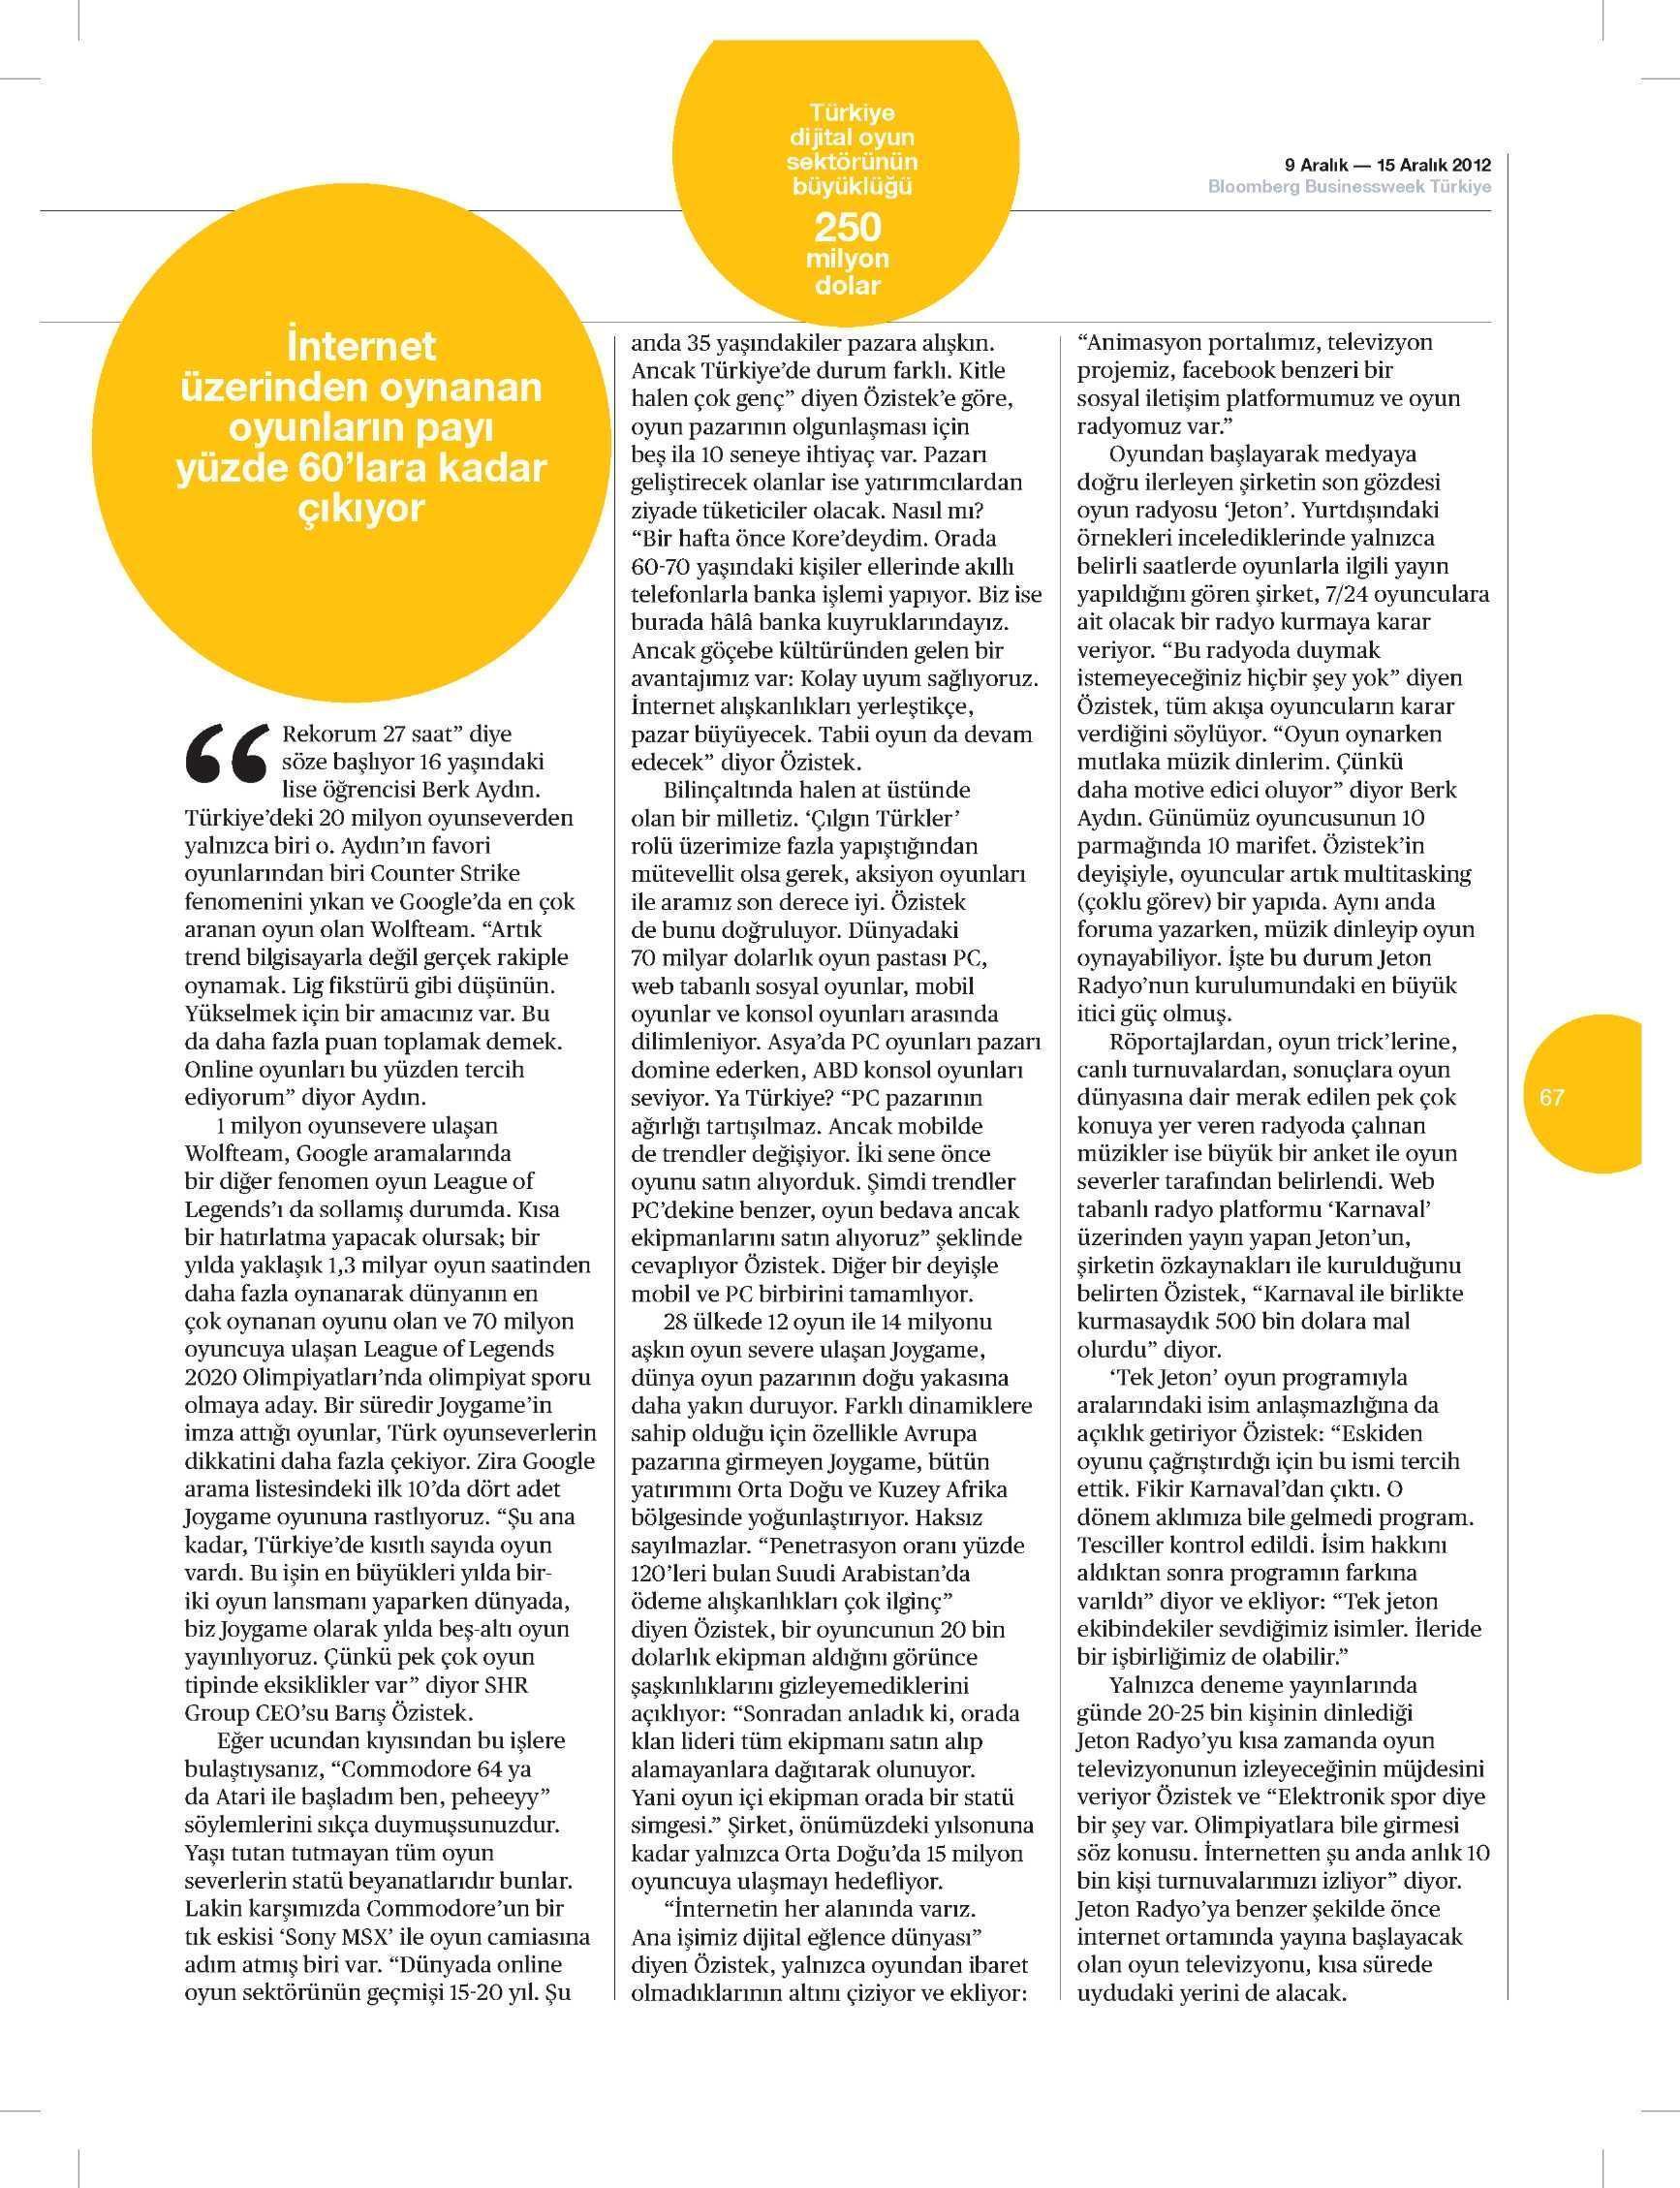 Netmarble-Turkey-Bloomberg-Businessweek-Turkiye-Sayfa-67-9-Aralik-2012-2